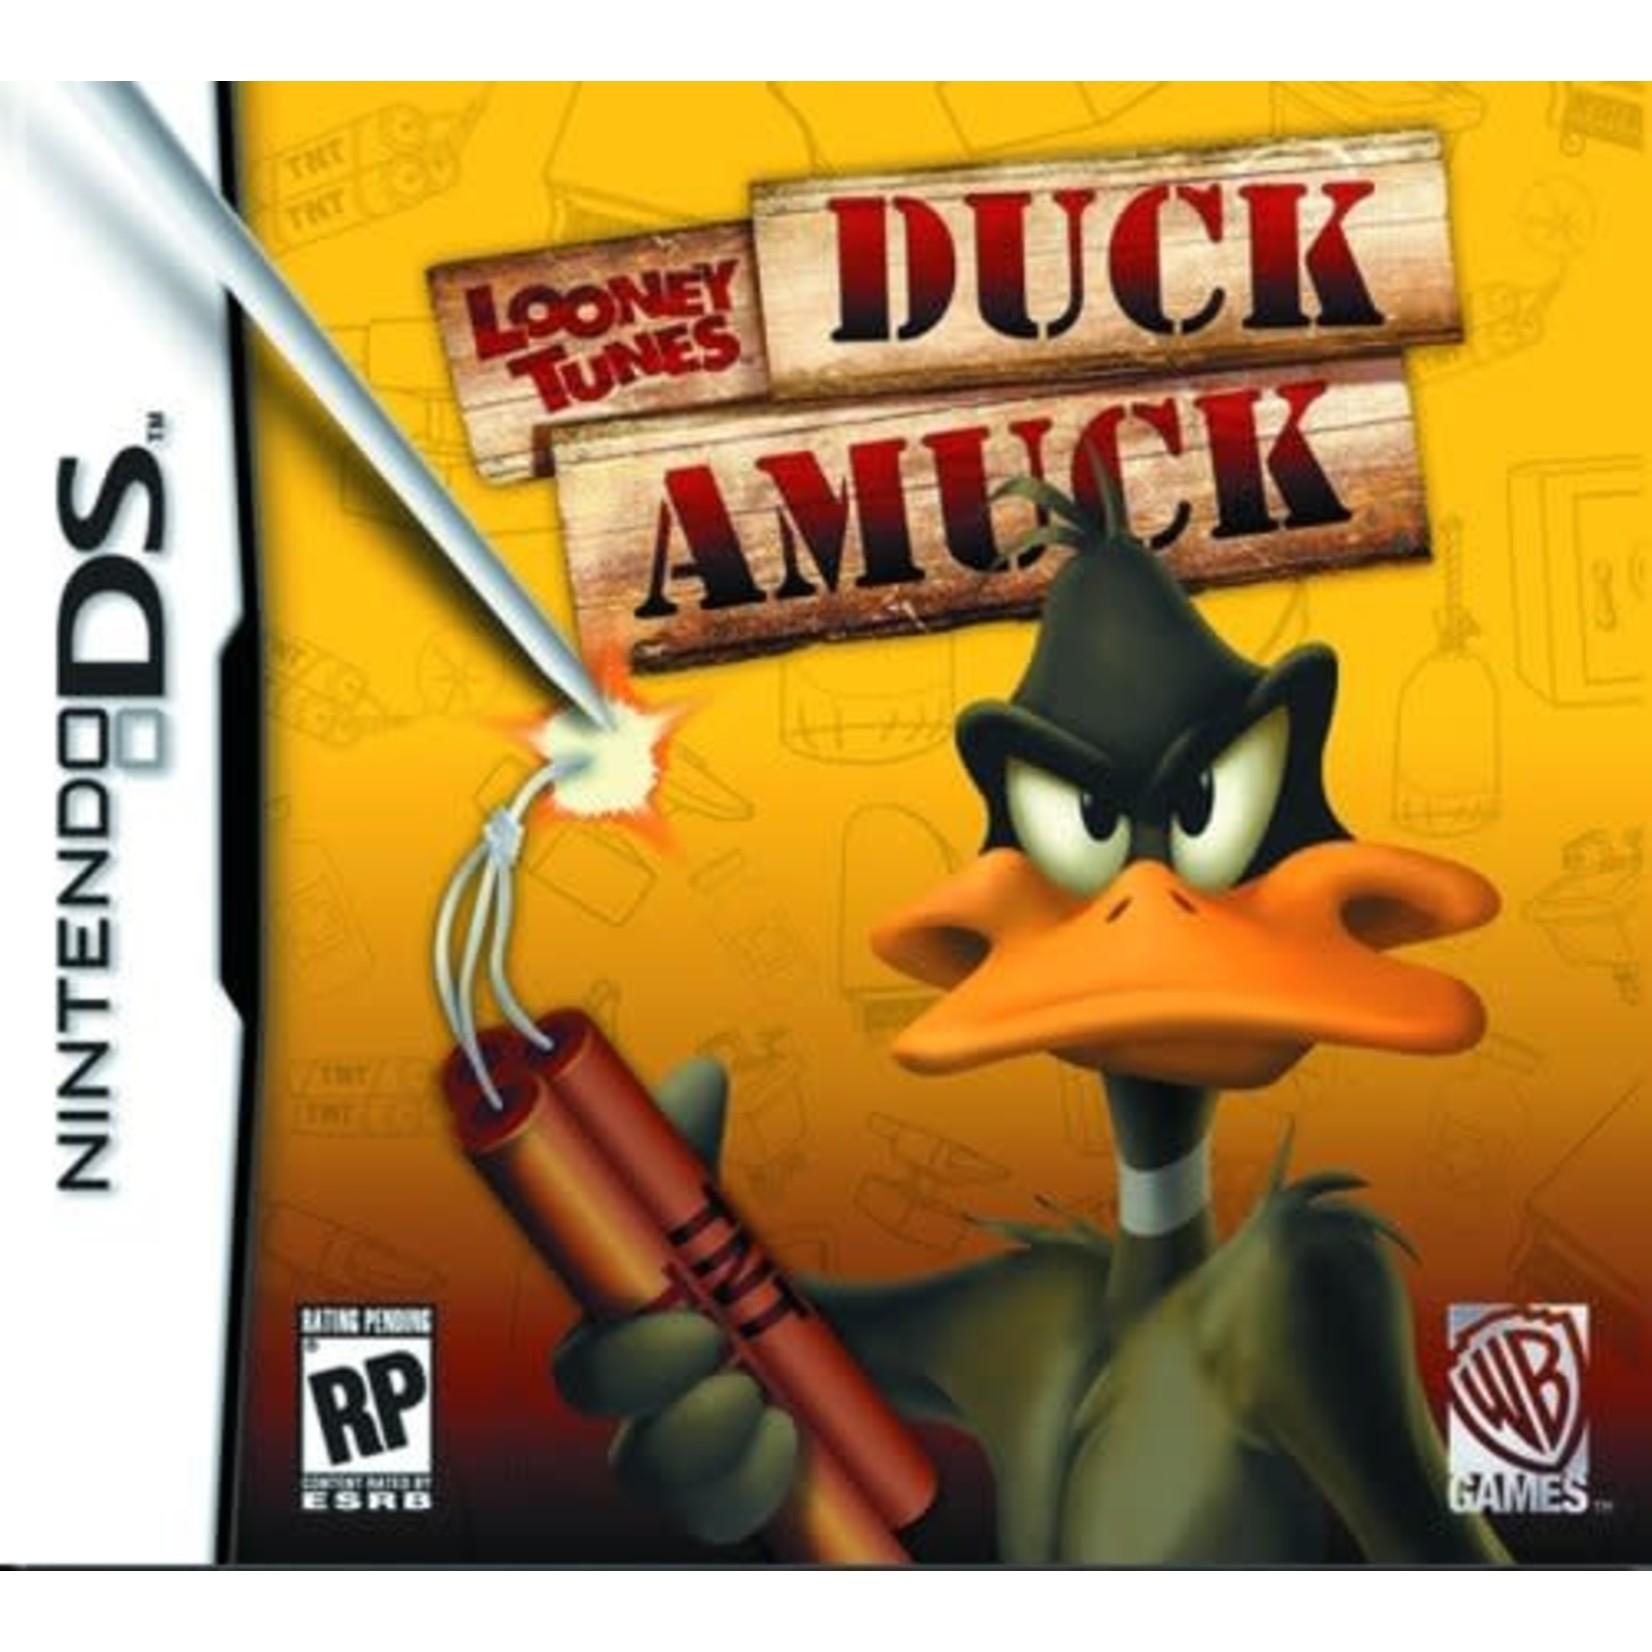 DSU-Looney Tunes Duck Amuck